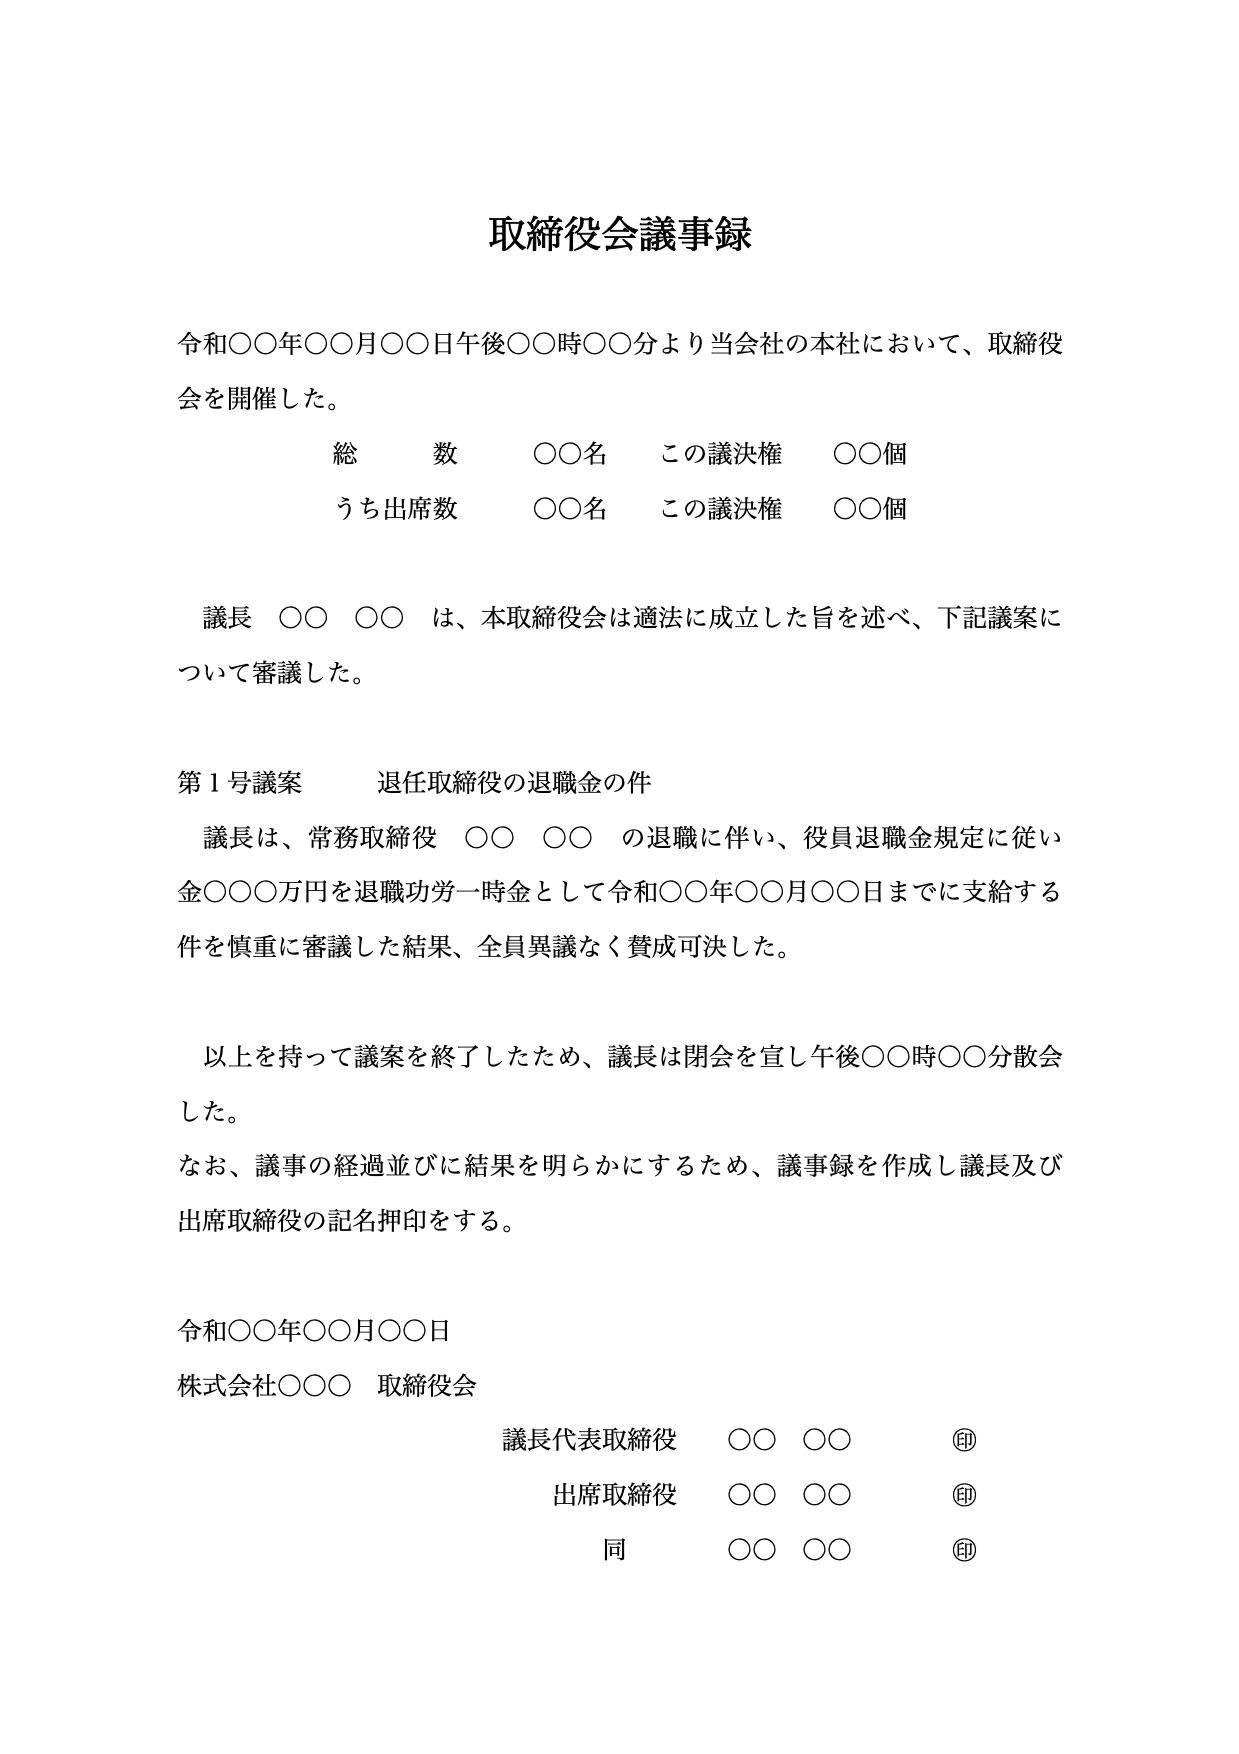 取締役会議事録(役員退職慰労金)